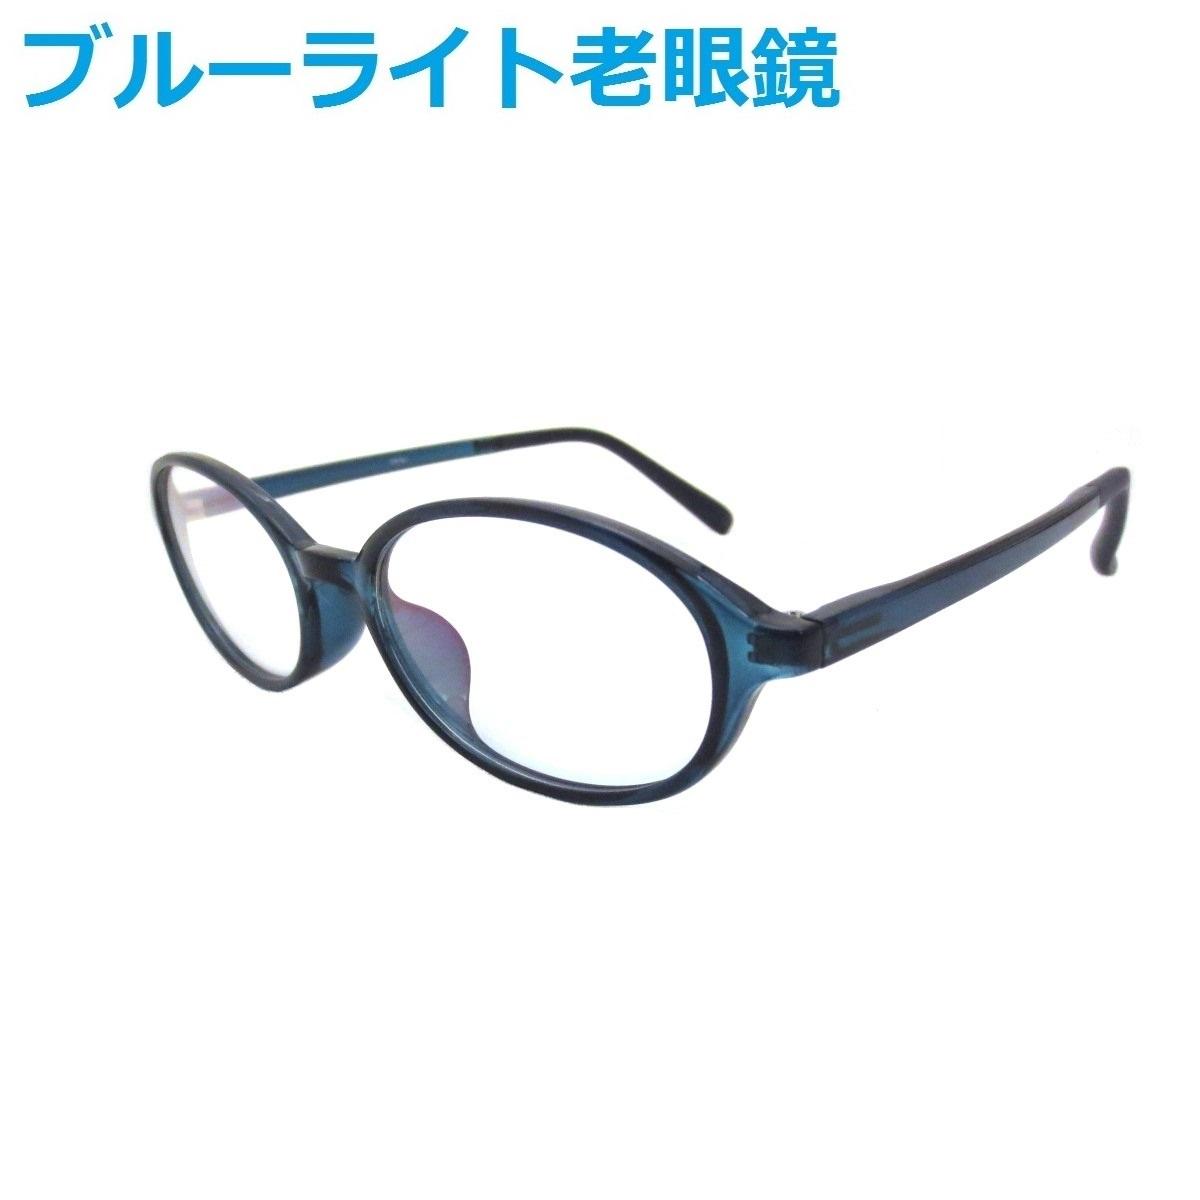 ブルーライトカット 老眼鏡 パソコン老眼鏡 PCメガネ セミオーダー TR761-03-51【コンビニ受取対応商品】